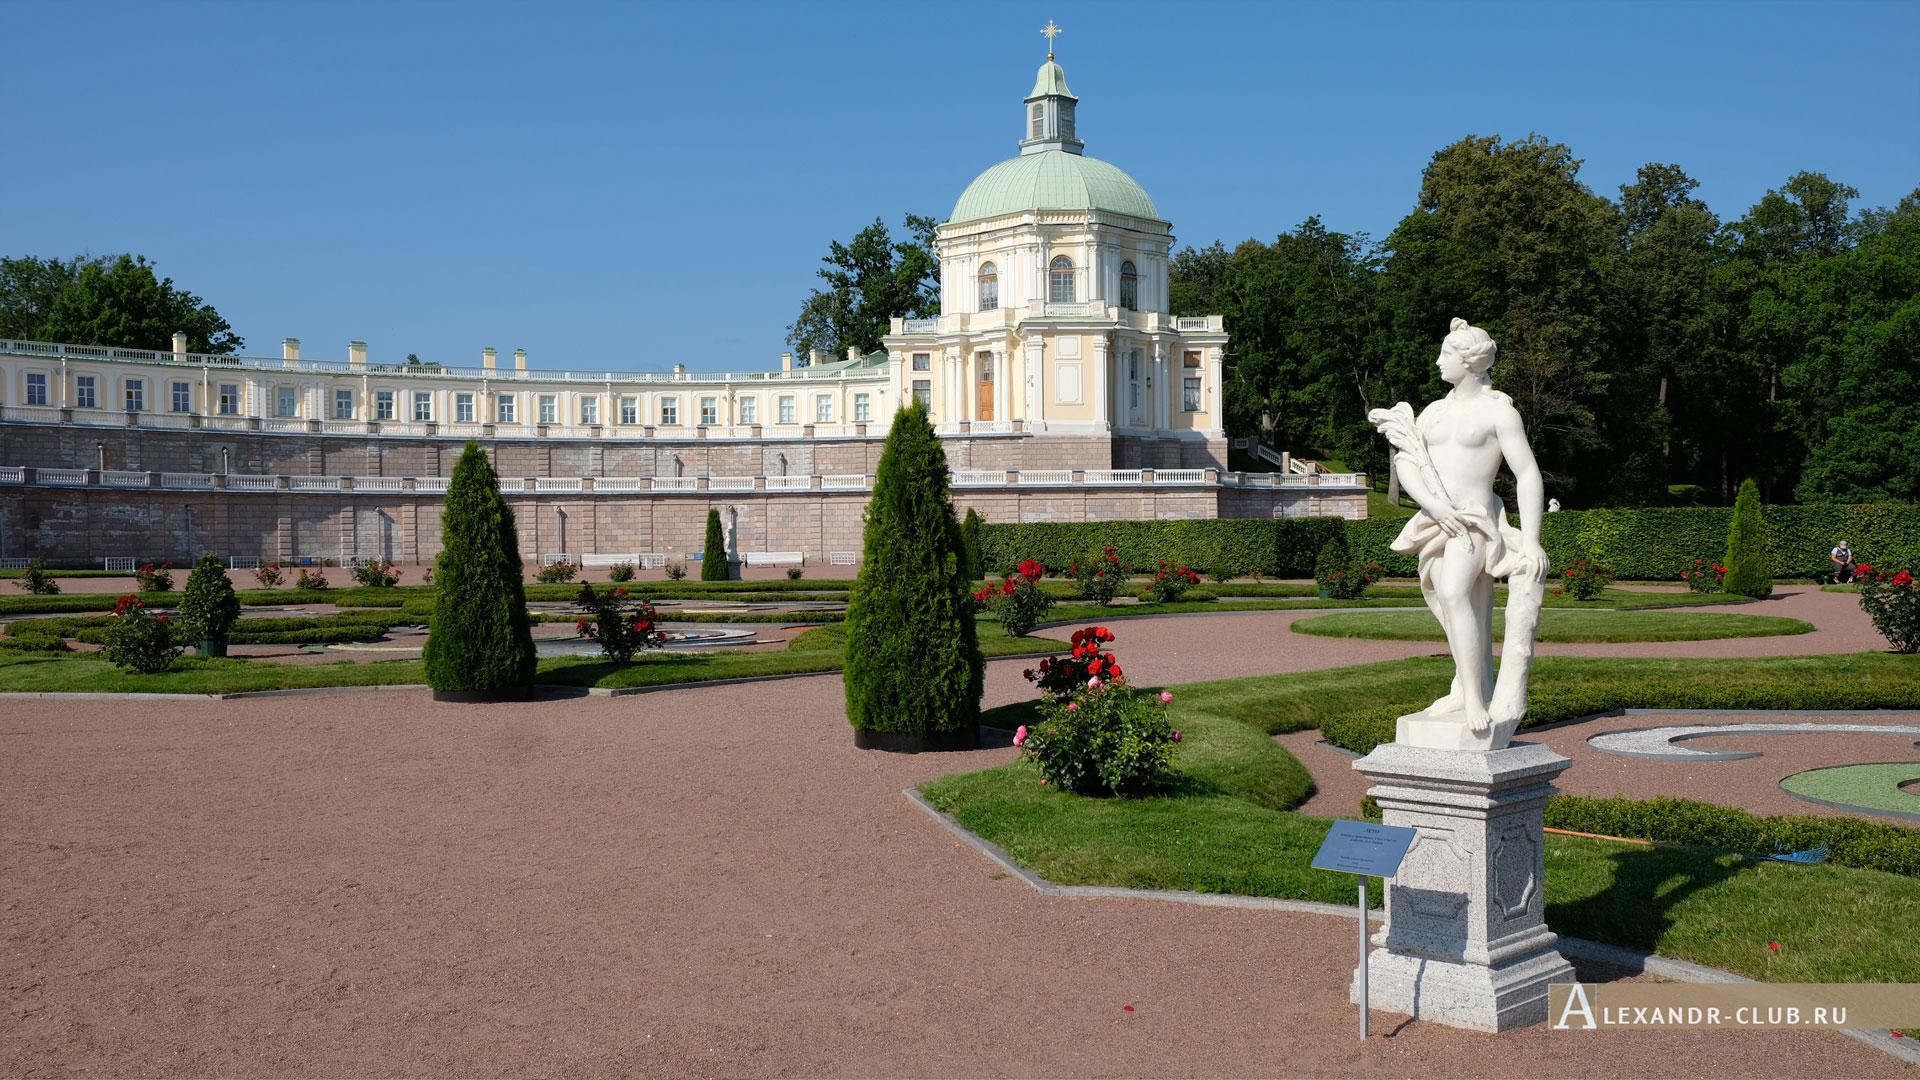 Ораниенбаум, лето, Большой Меншиковский дворец, Нижний сад, дворцовая церковь